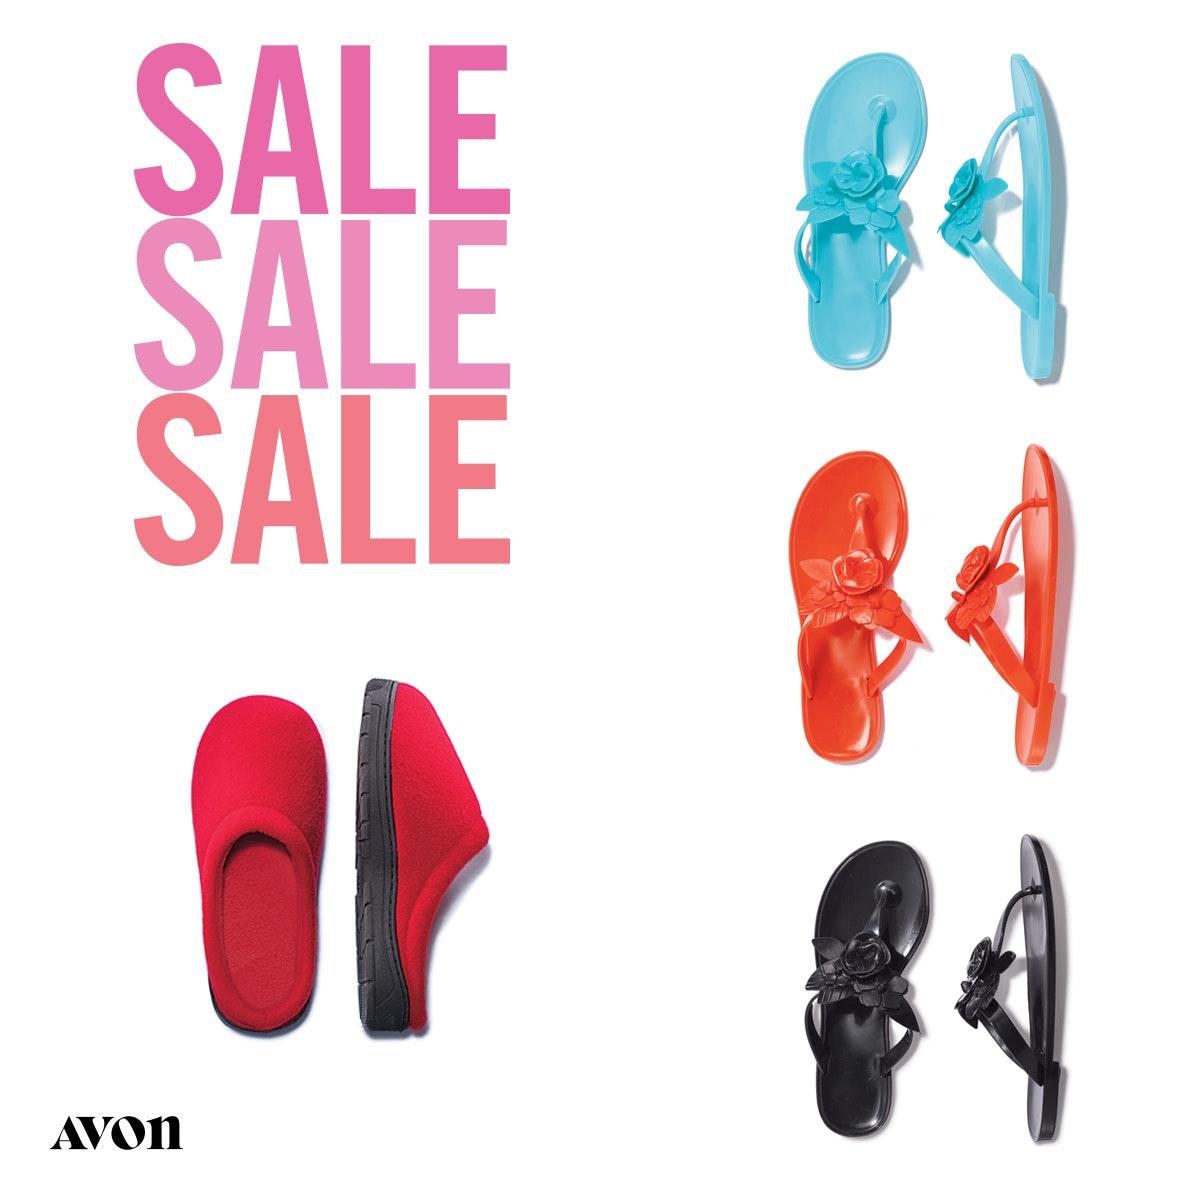 Avon Shoe and Slipper Sale